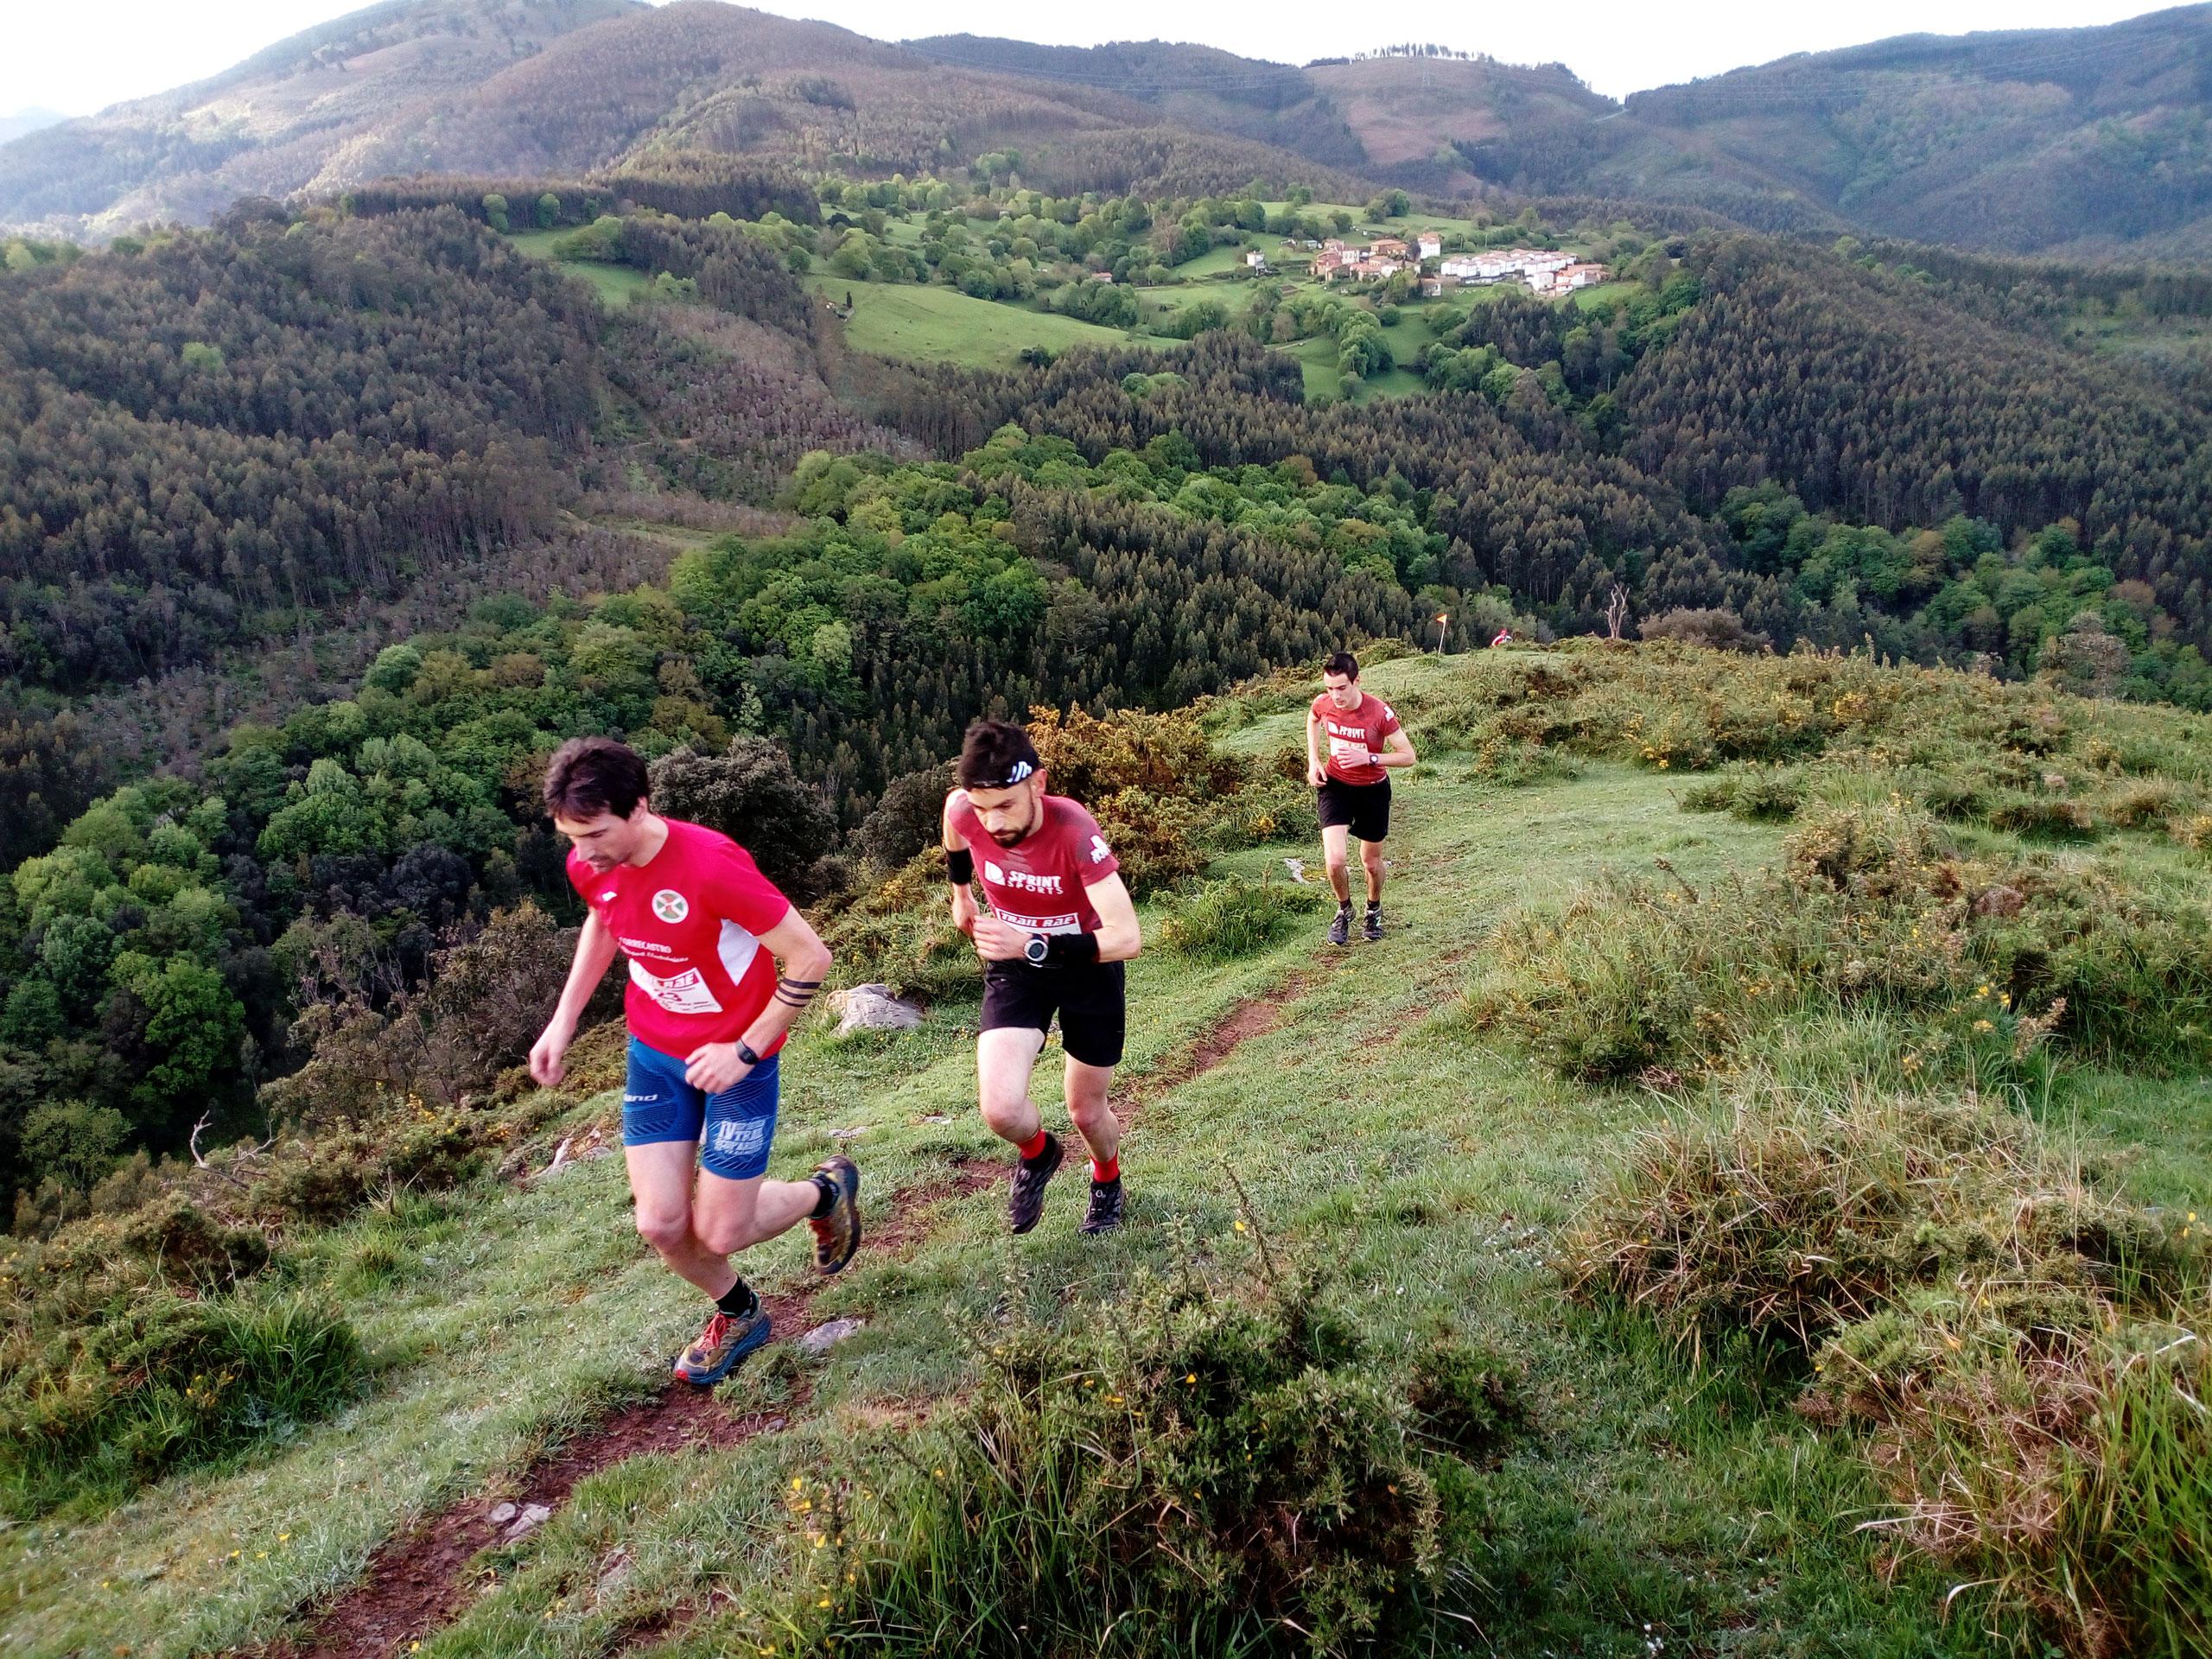 El Trail Rae de Otañes decidirá quienes son los Campeones de España de Carreras por Montaña FEDME- GPTUGA